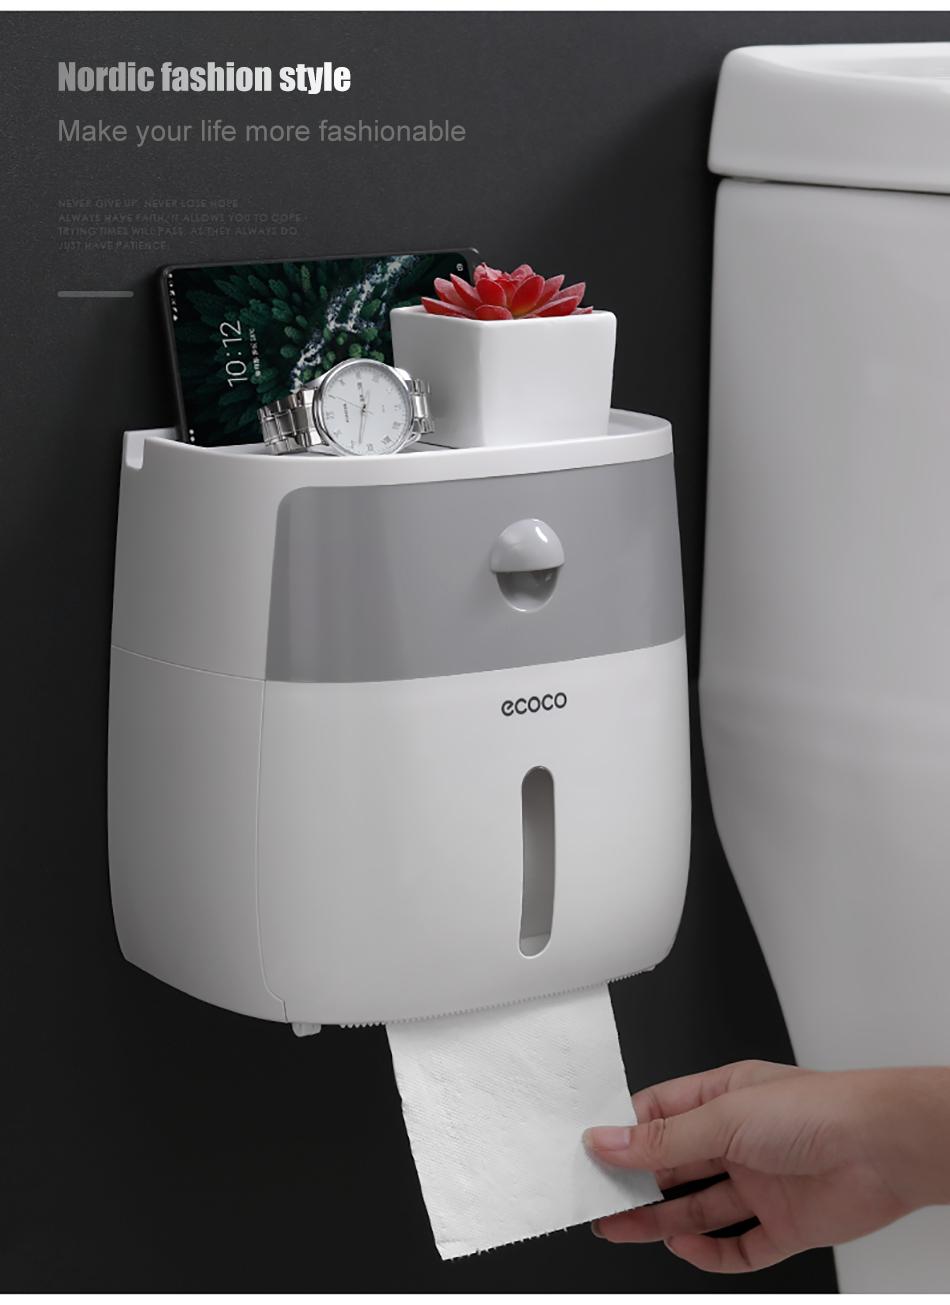 Boite Rangement Papier Wc toilette double couche support papier boîte étanche de stockage mural  toilette en rouleau toilette portable porte-papier